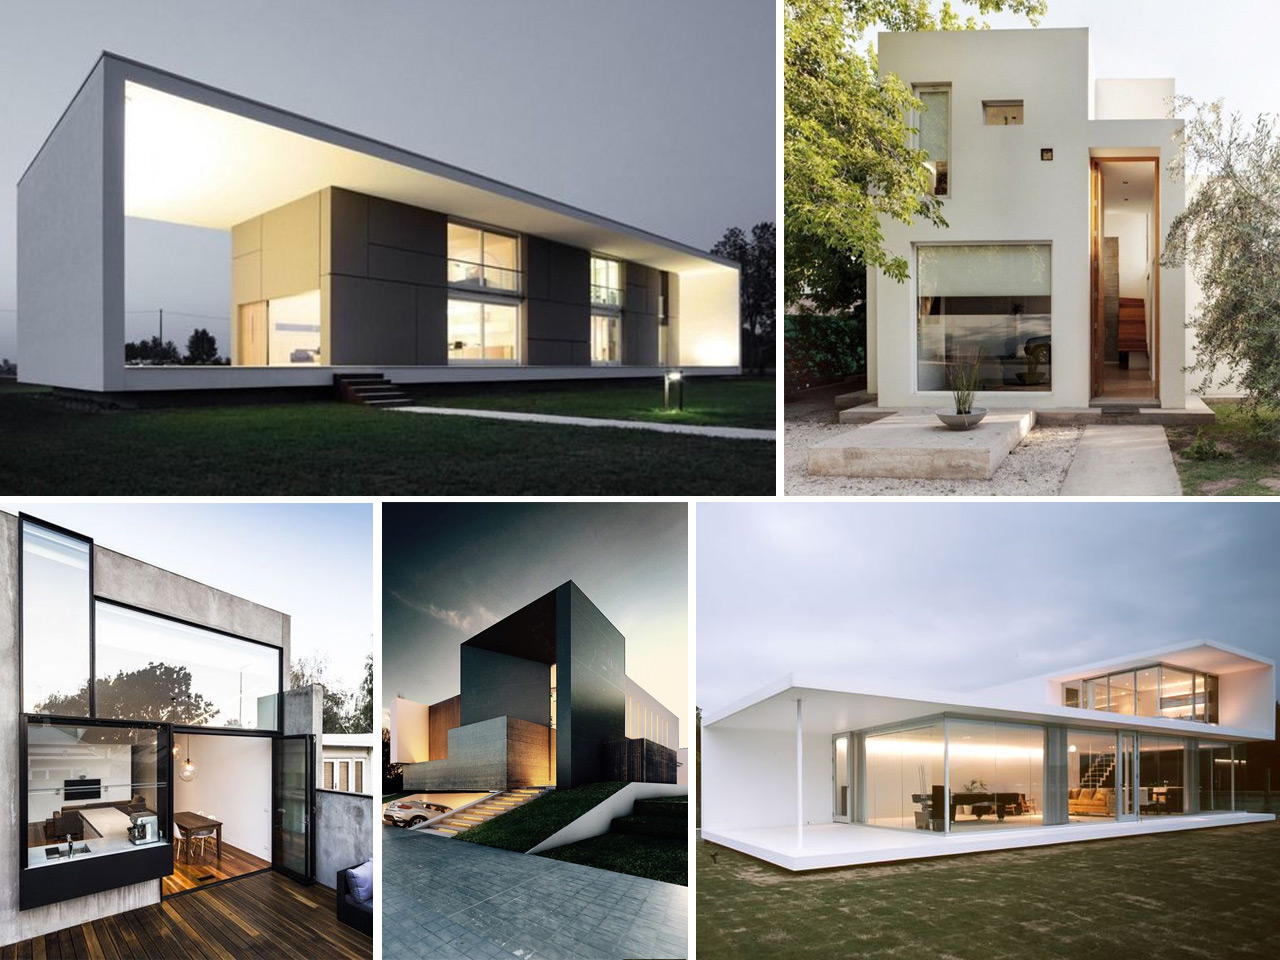 Las 6 claves del dise o de casas minimalistas for Casa minimalistas